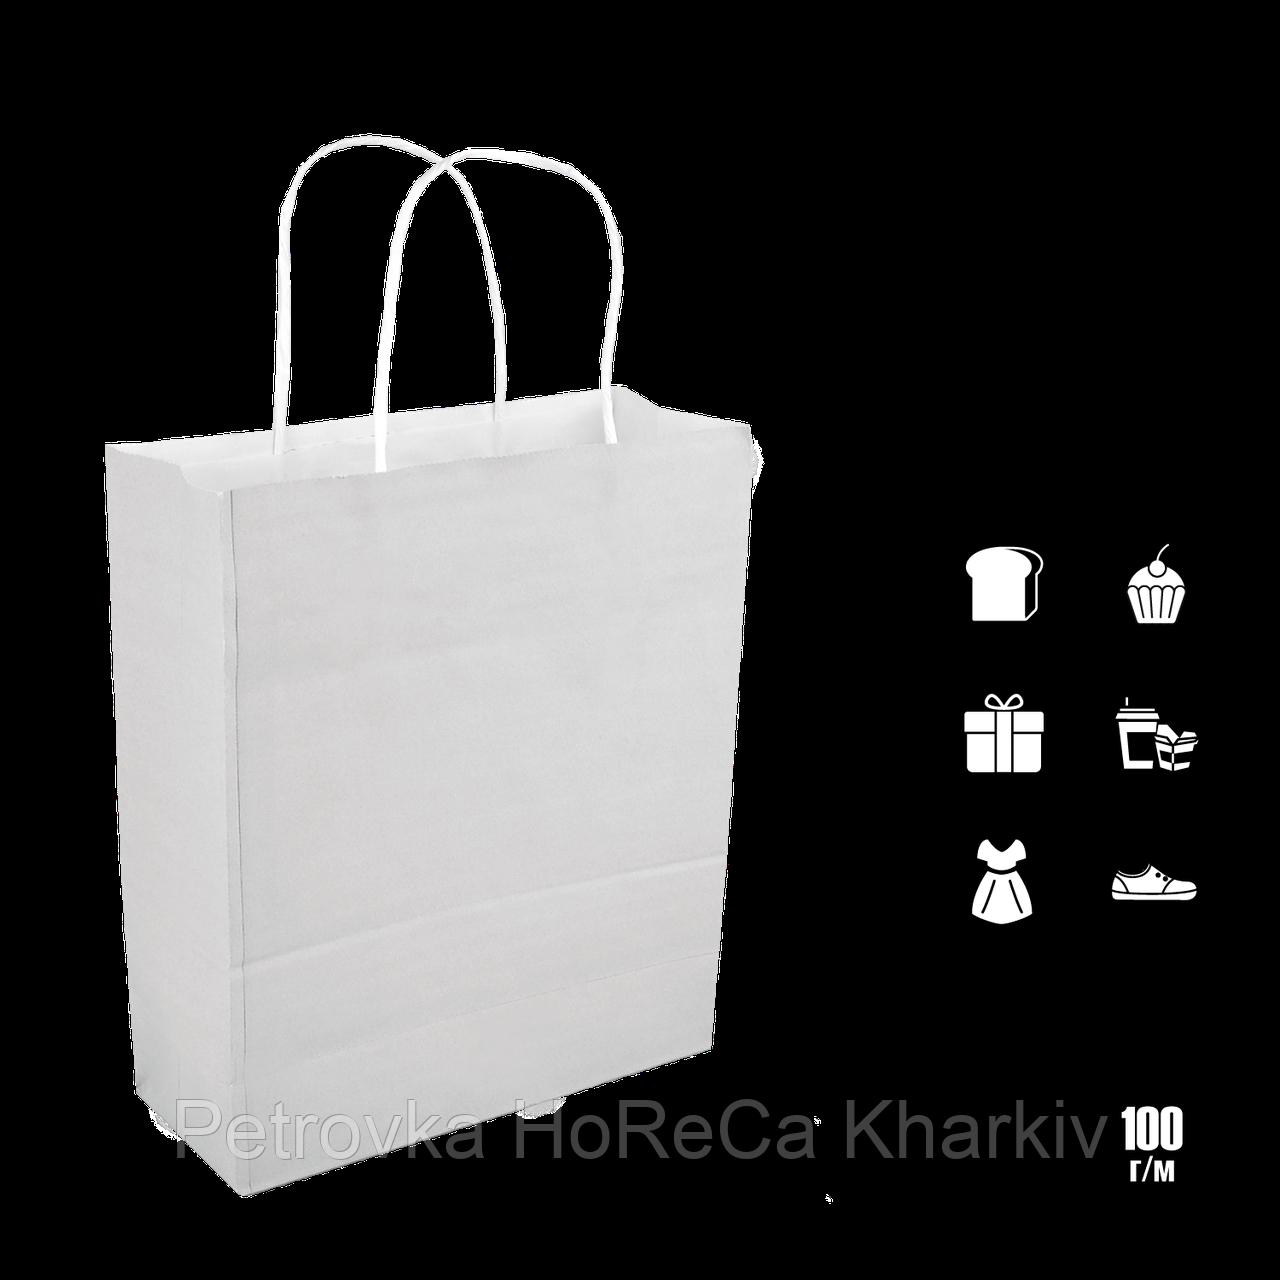 Паперовий пакет білий з крученими ручками 200*80*240мм (Ш. Р. В) Пл 100г (1191)